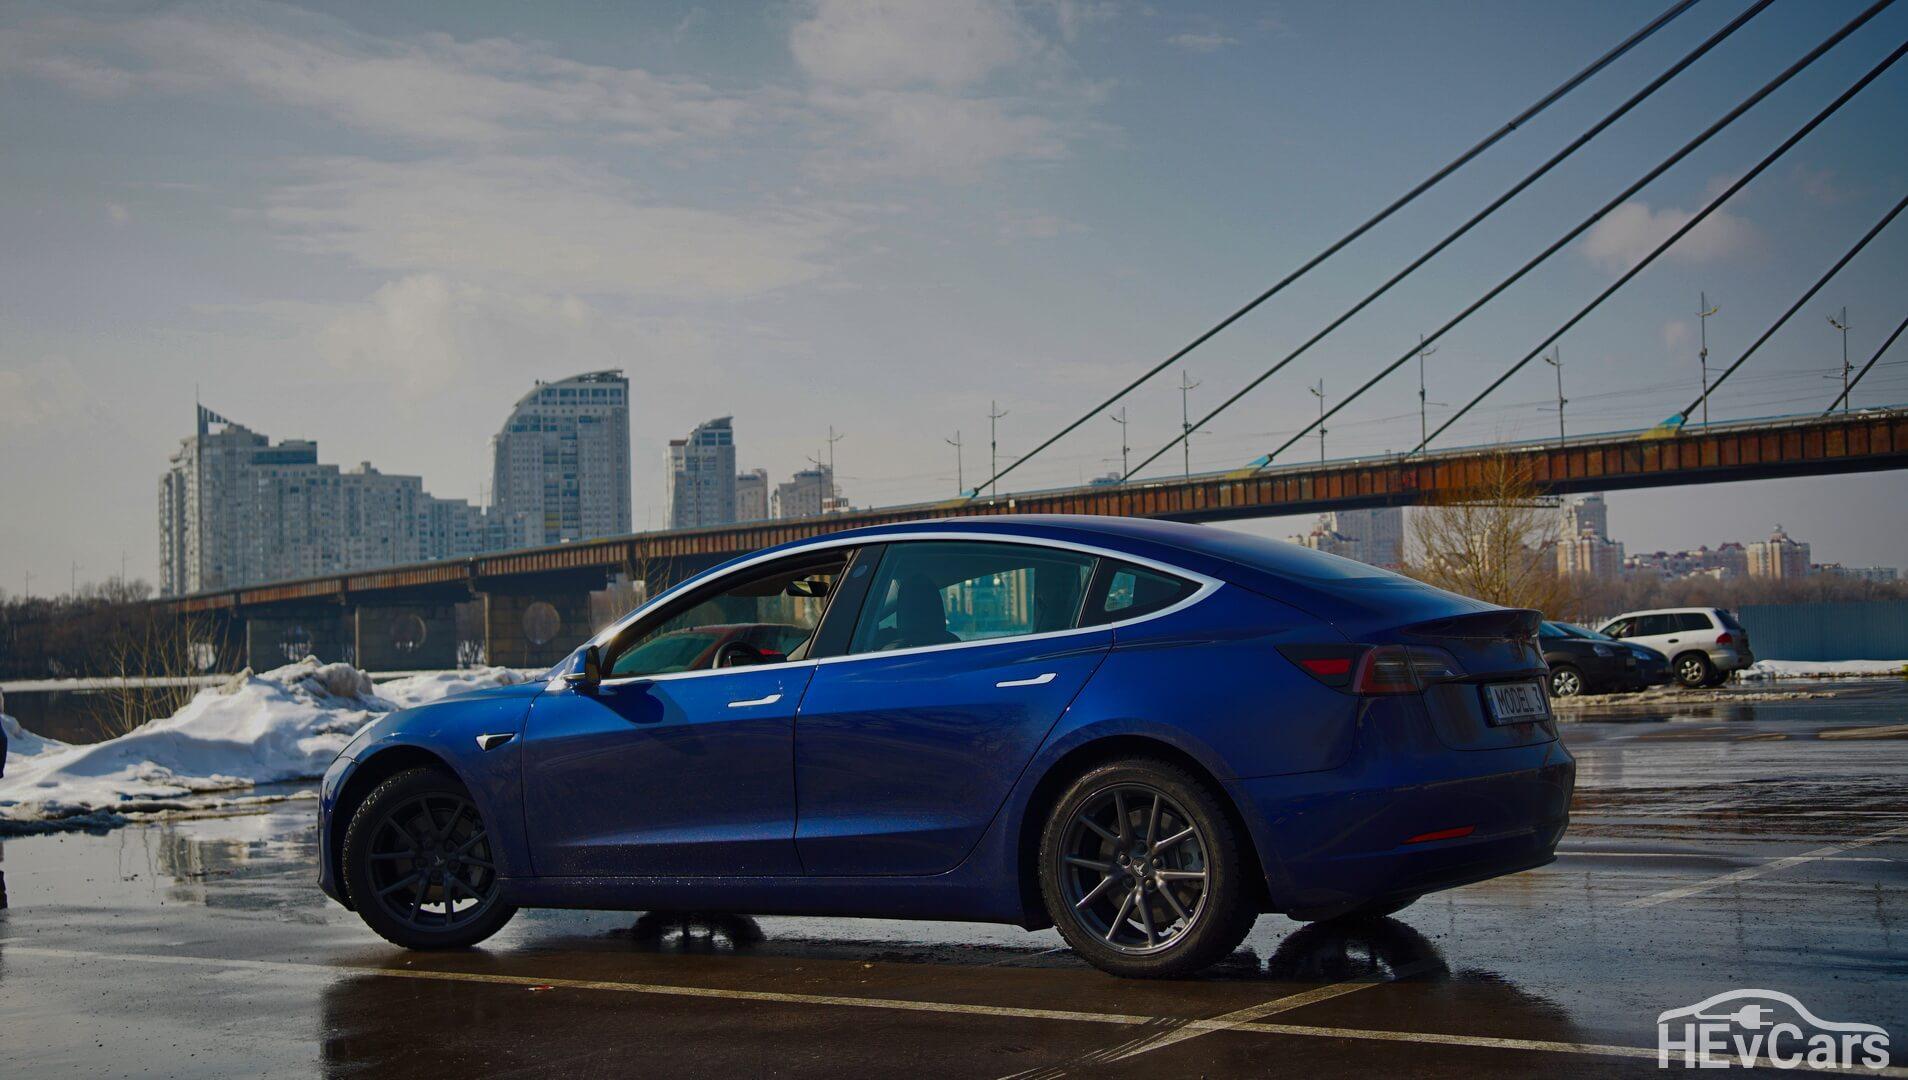 Лидер продаж электромобилей Tesla Model 3